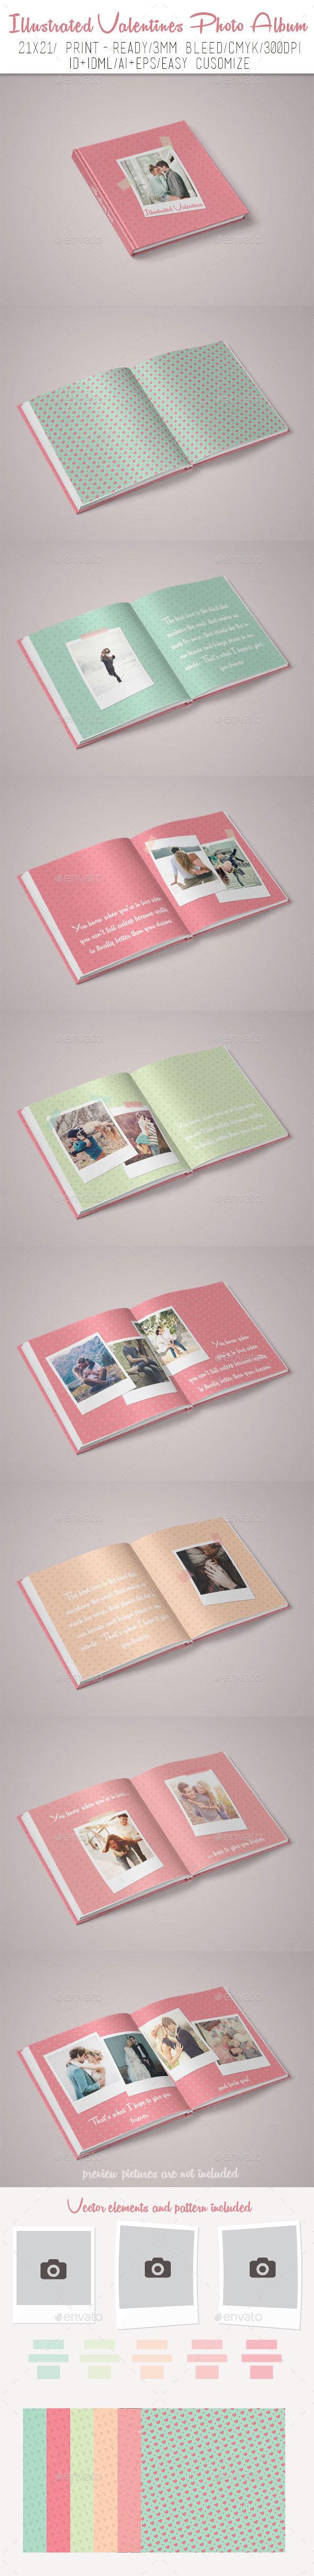 Illustrated Valentines Photo Album - Photo Albums Print Templates